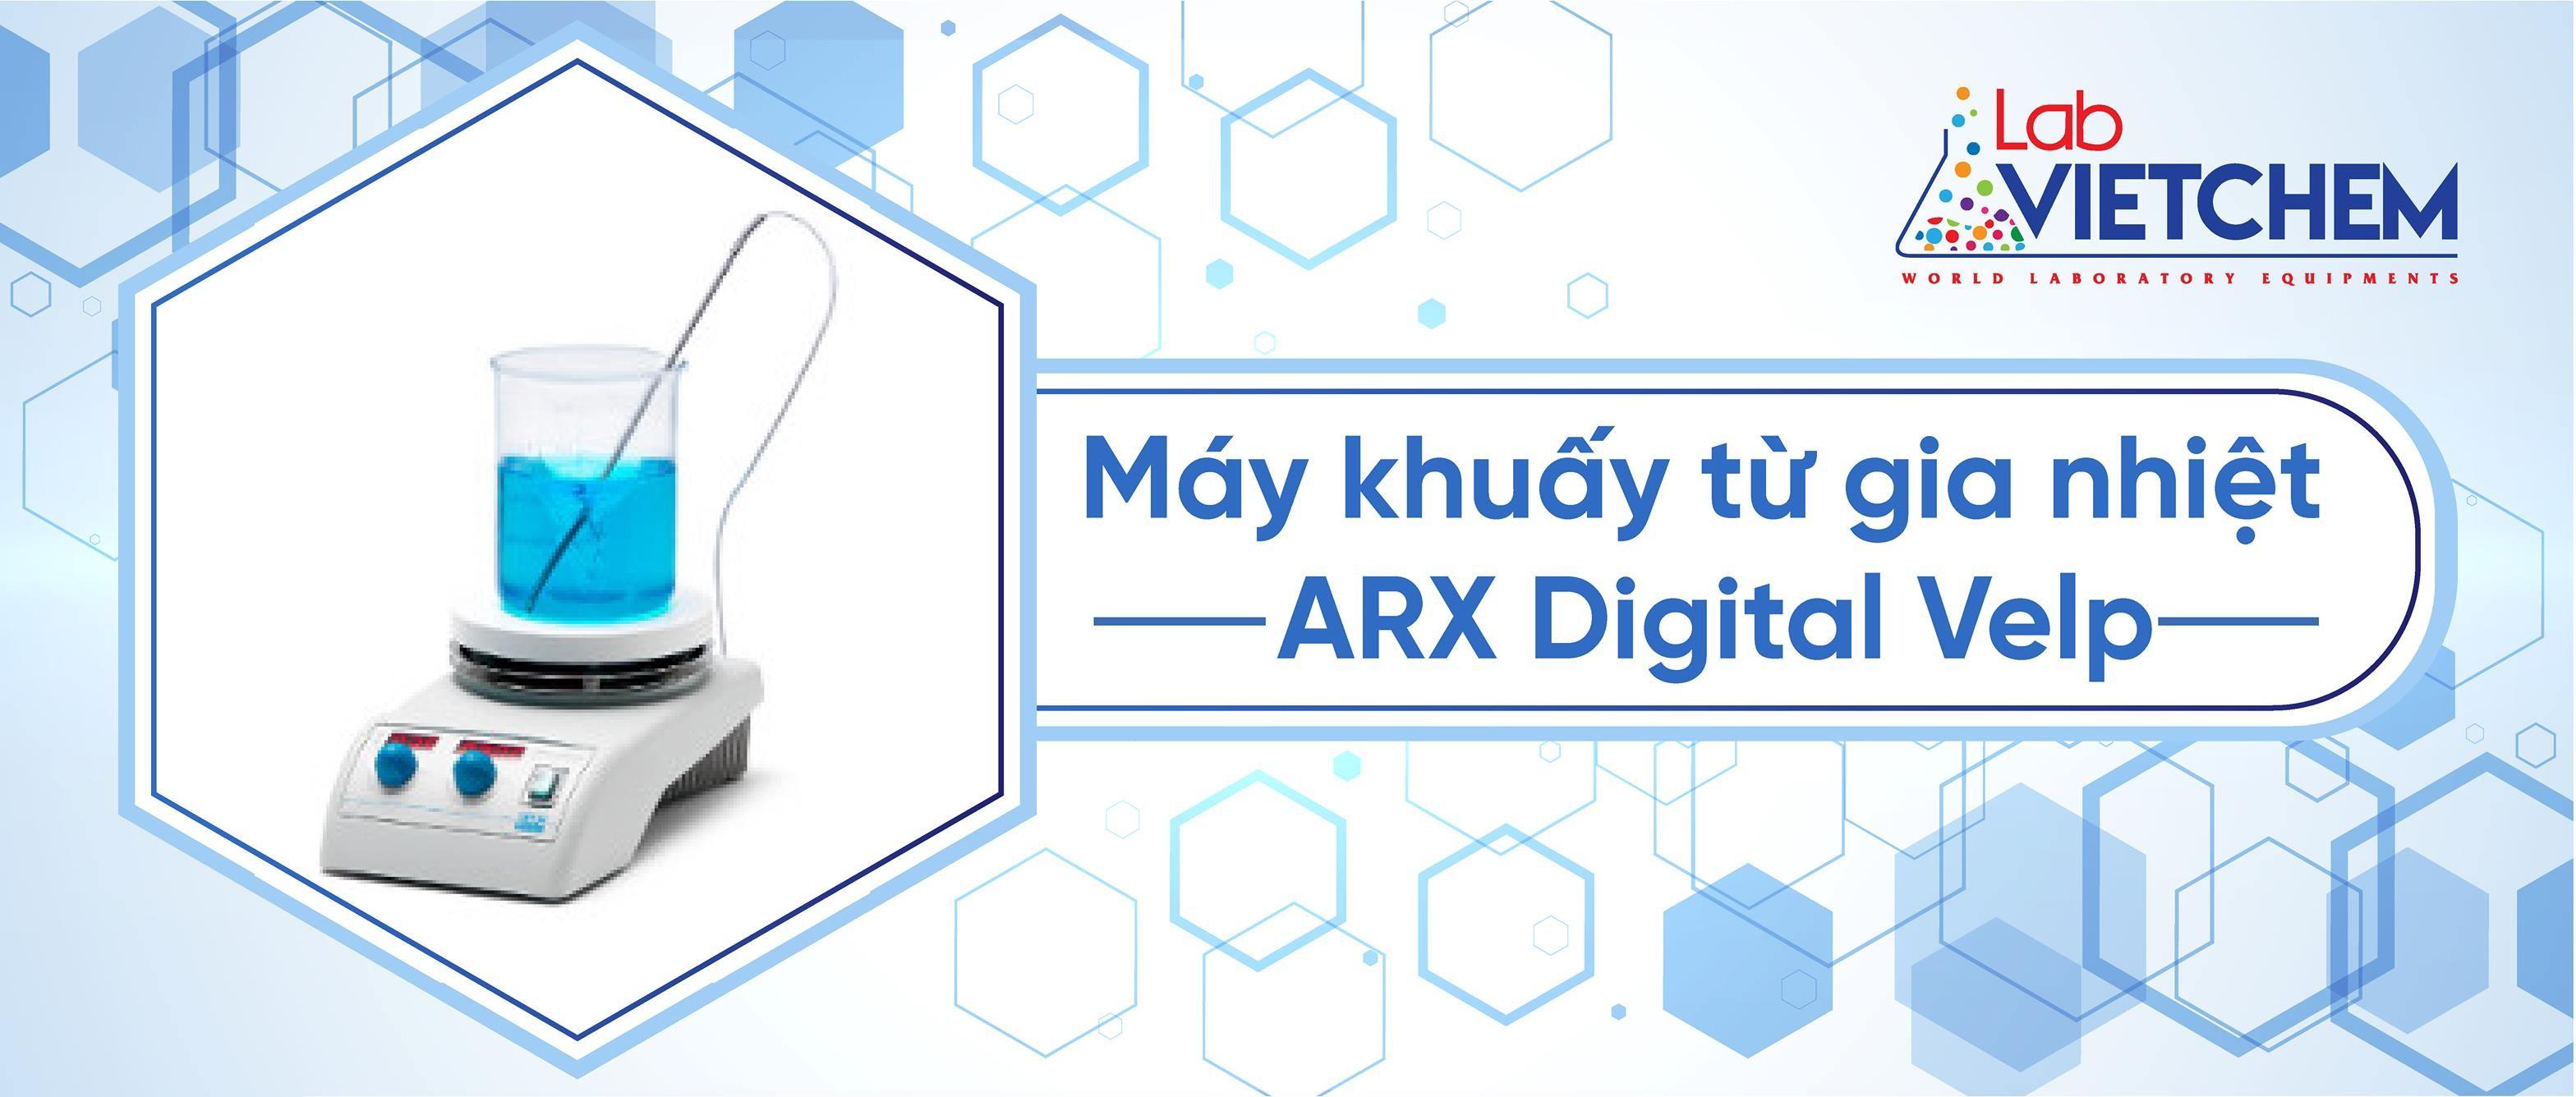 Máy khuấy từ gia nhiệt ARX Digital Velp